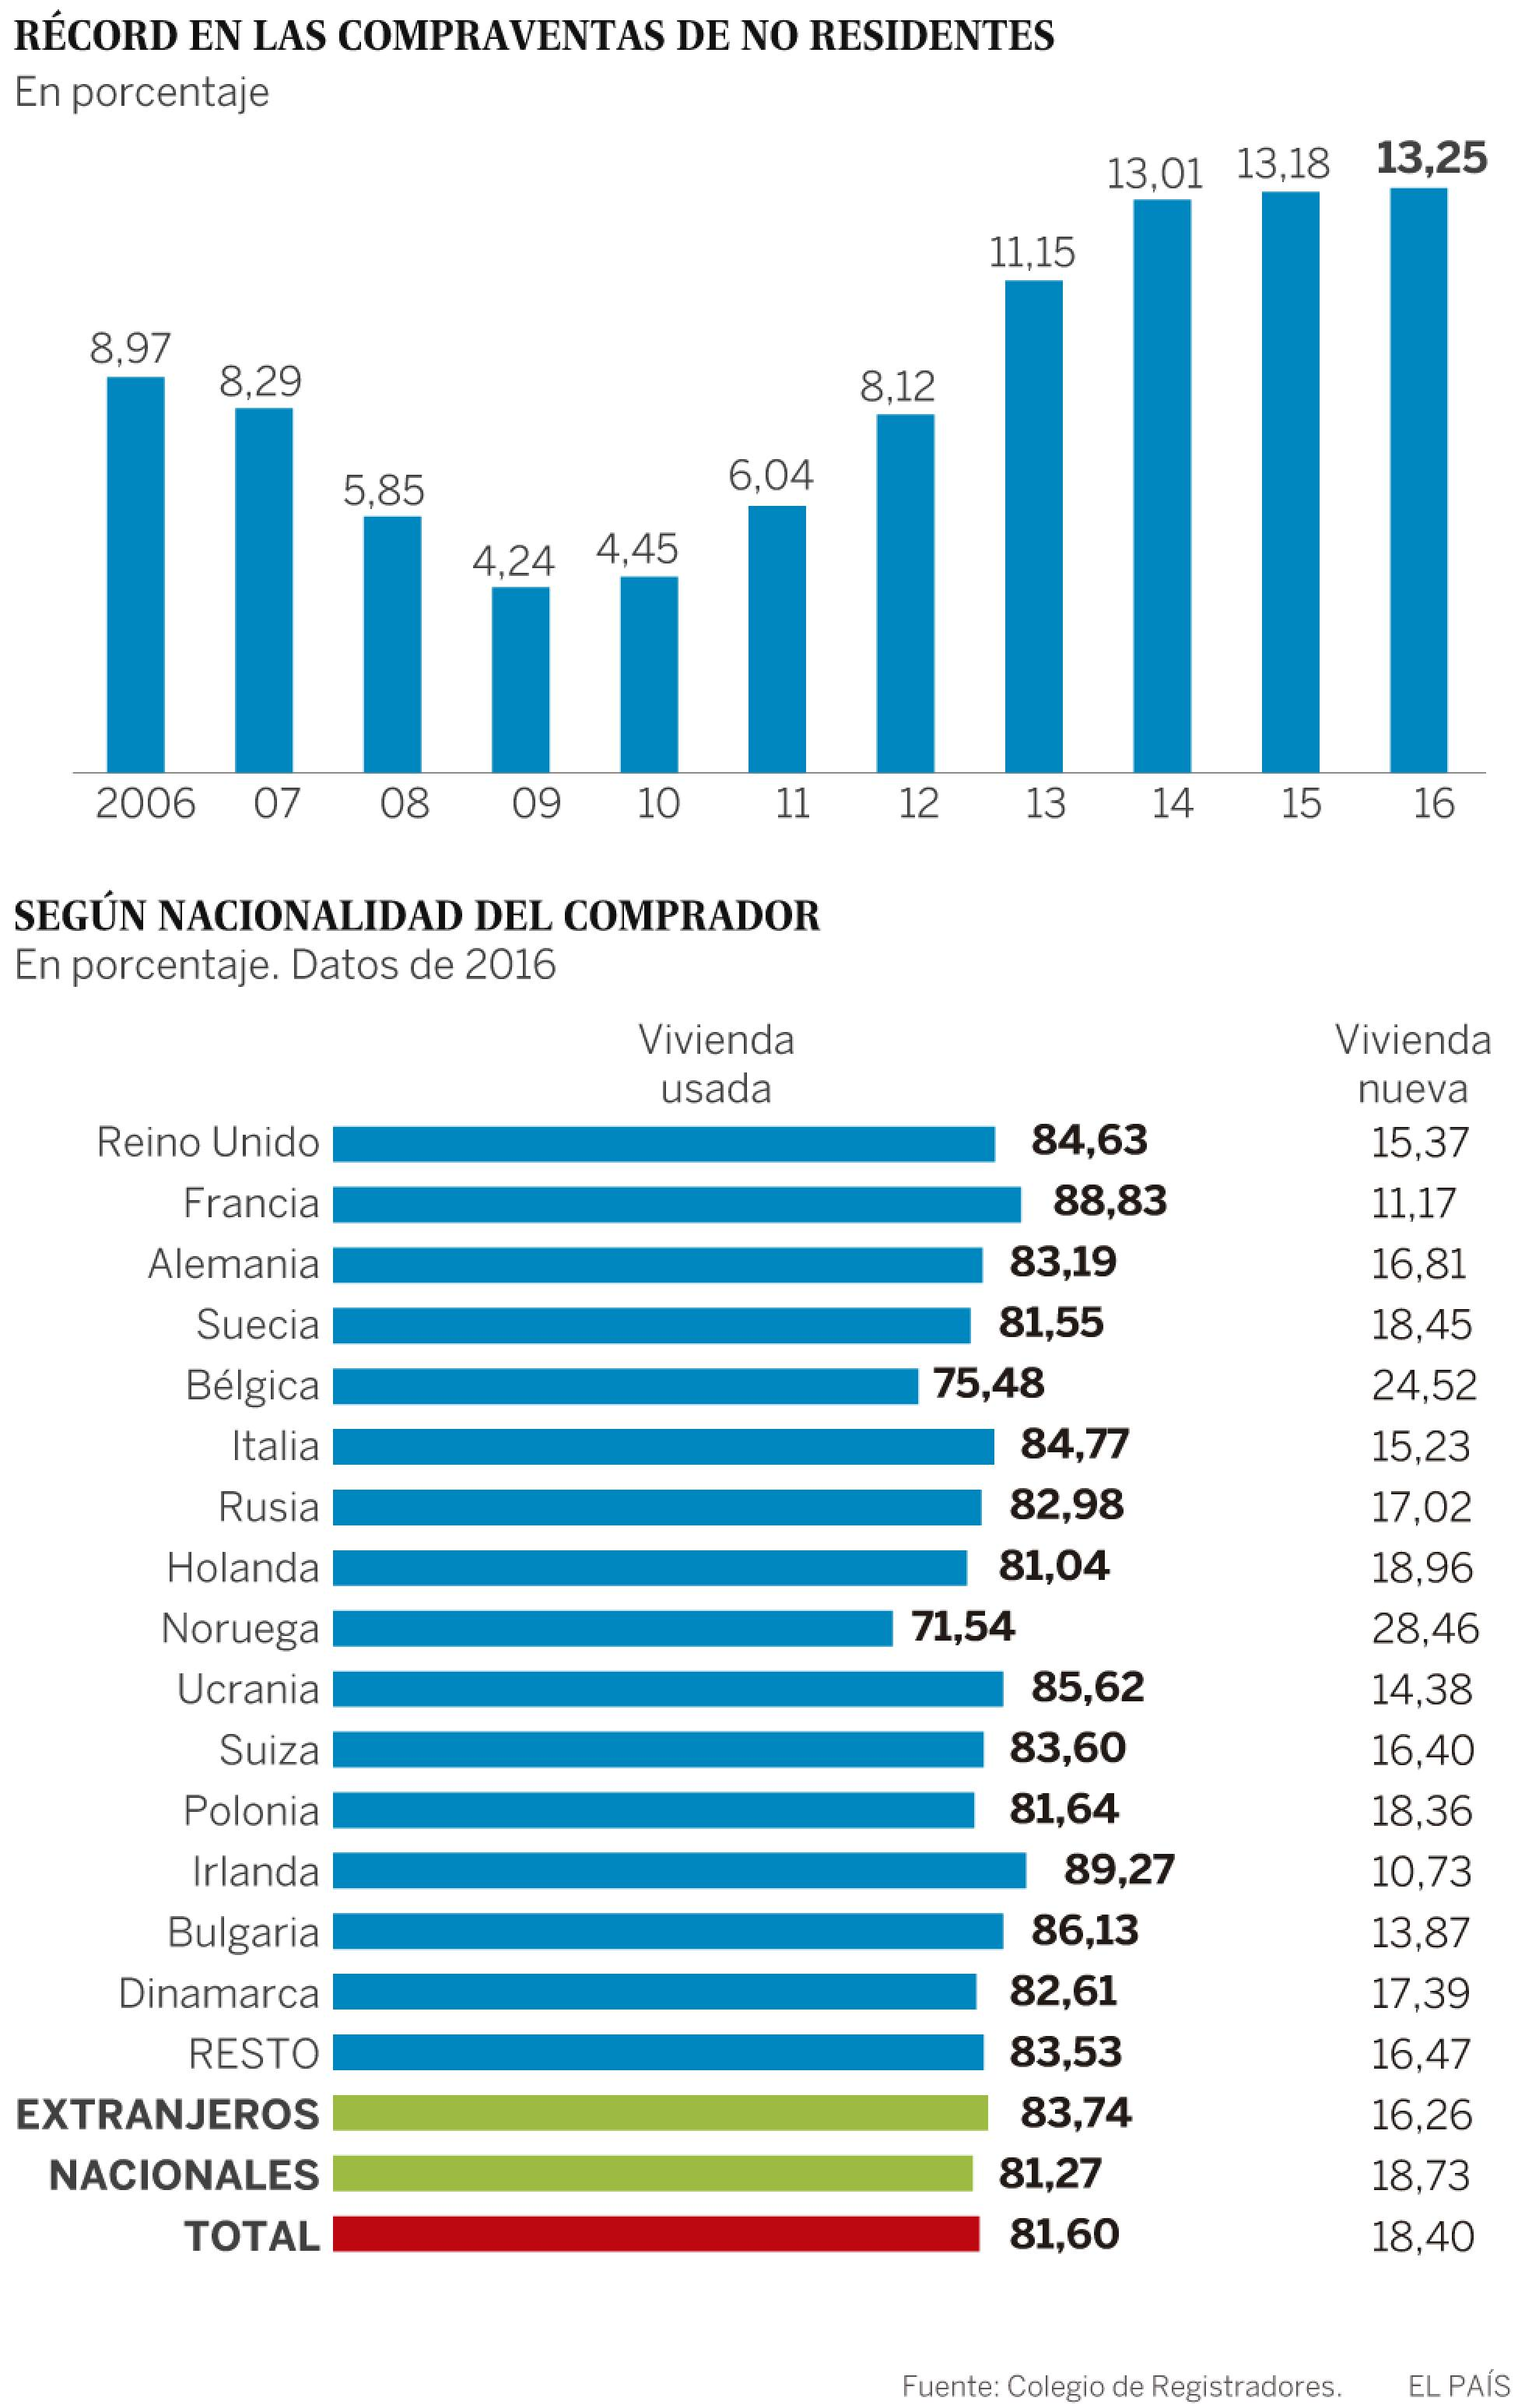 Realidades de la vivienda en el capitalismo español. Luchas contra los desahucios de viviendas. Inversiones y mercado inmobiliario - Página 19 1493389216_236339_1493395206_sumario_normal_recorte1